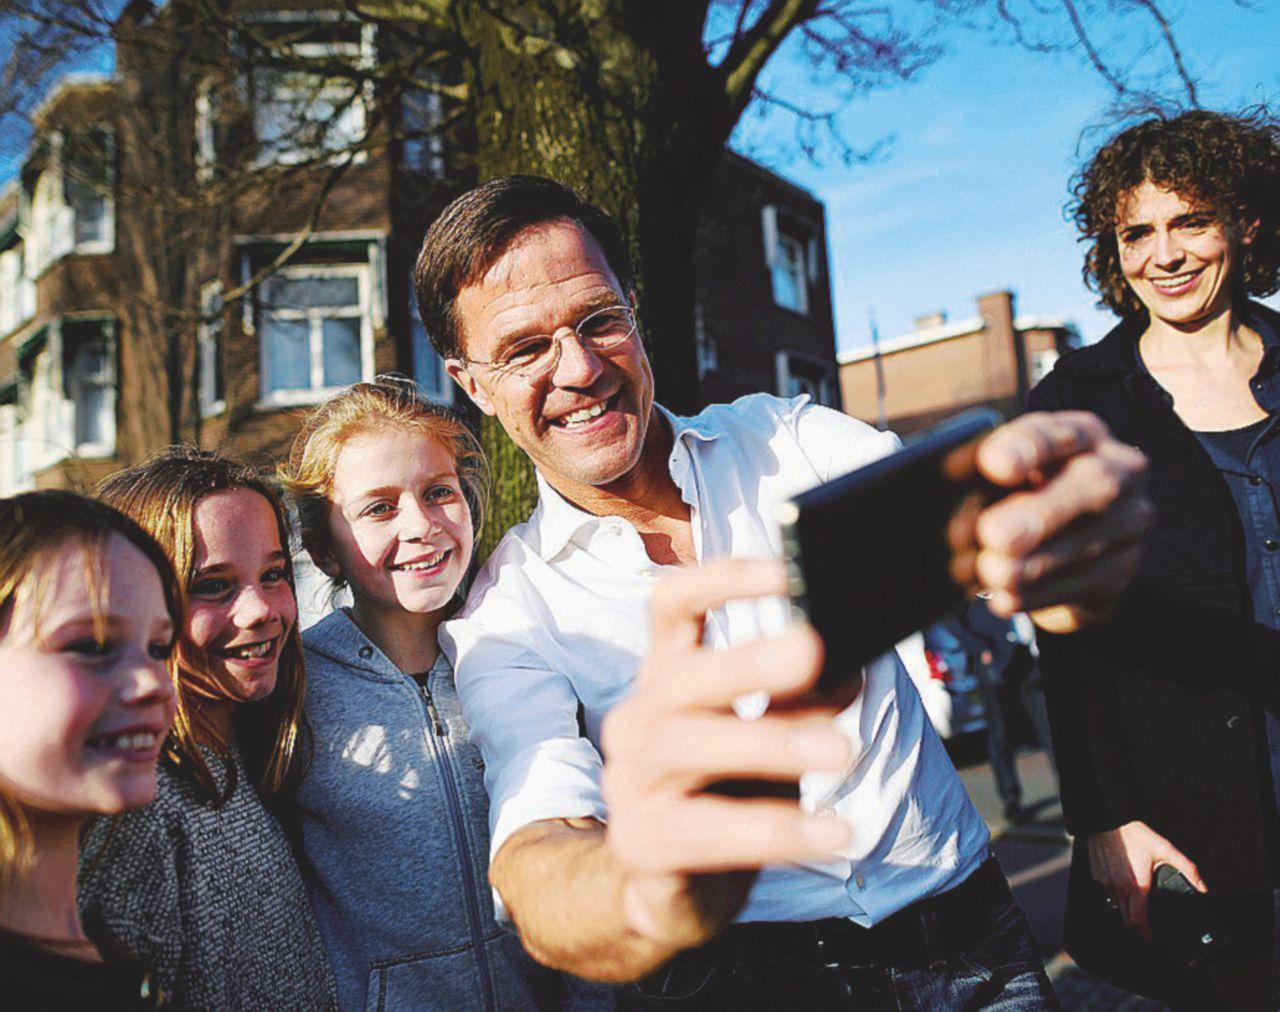 Un Rutte salverà l'Unione dall'Olandese sprezzante?